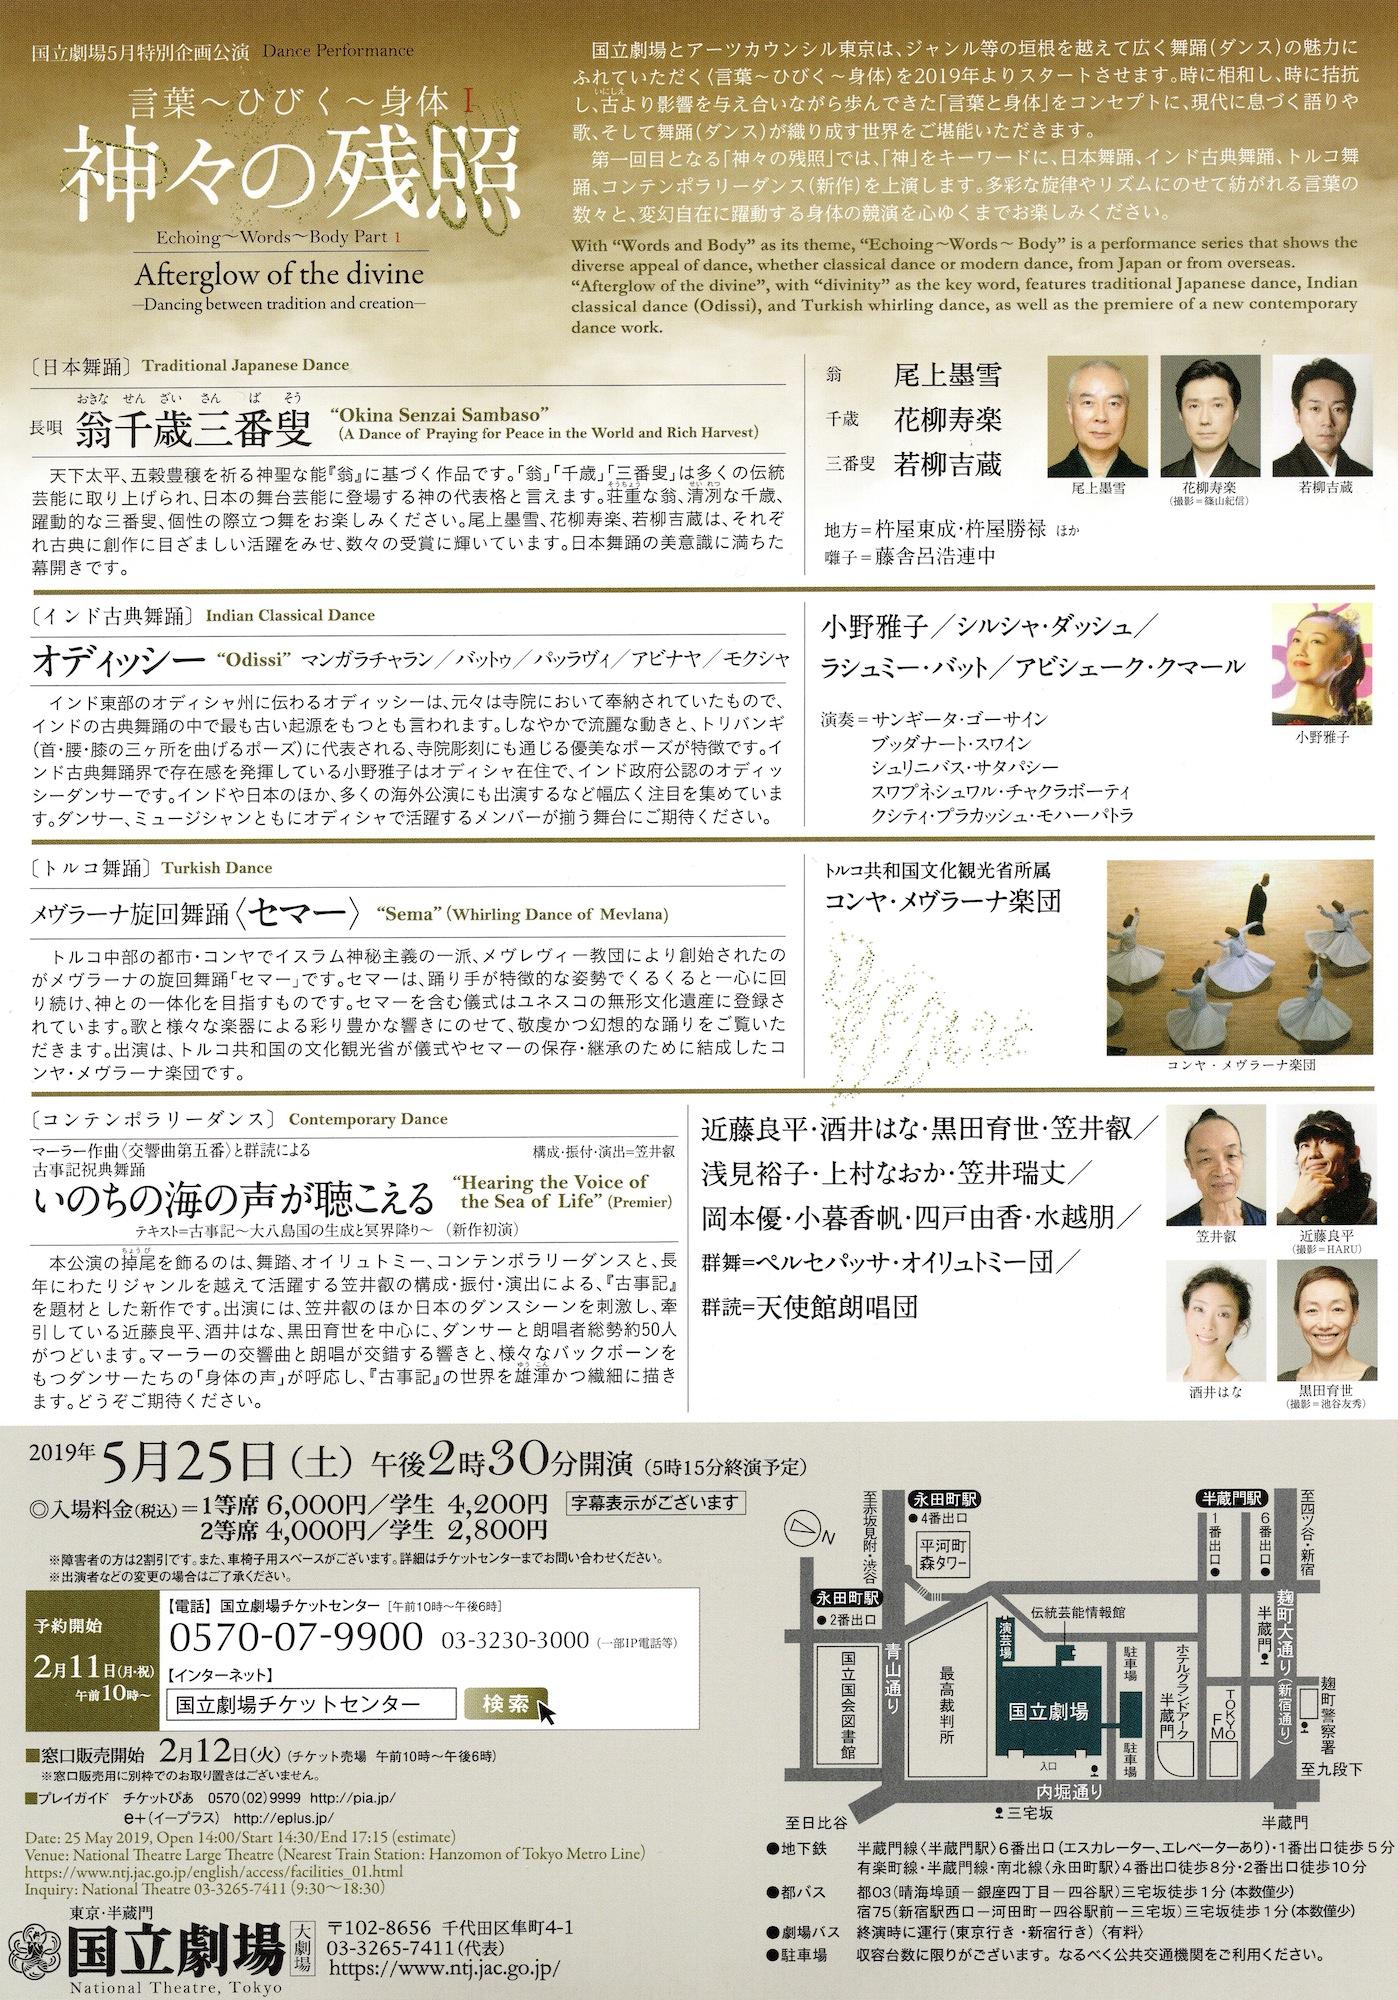 国立劇場5月特別企画公演「神々の残照」ポスター裏